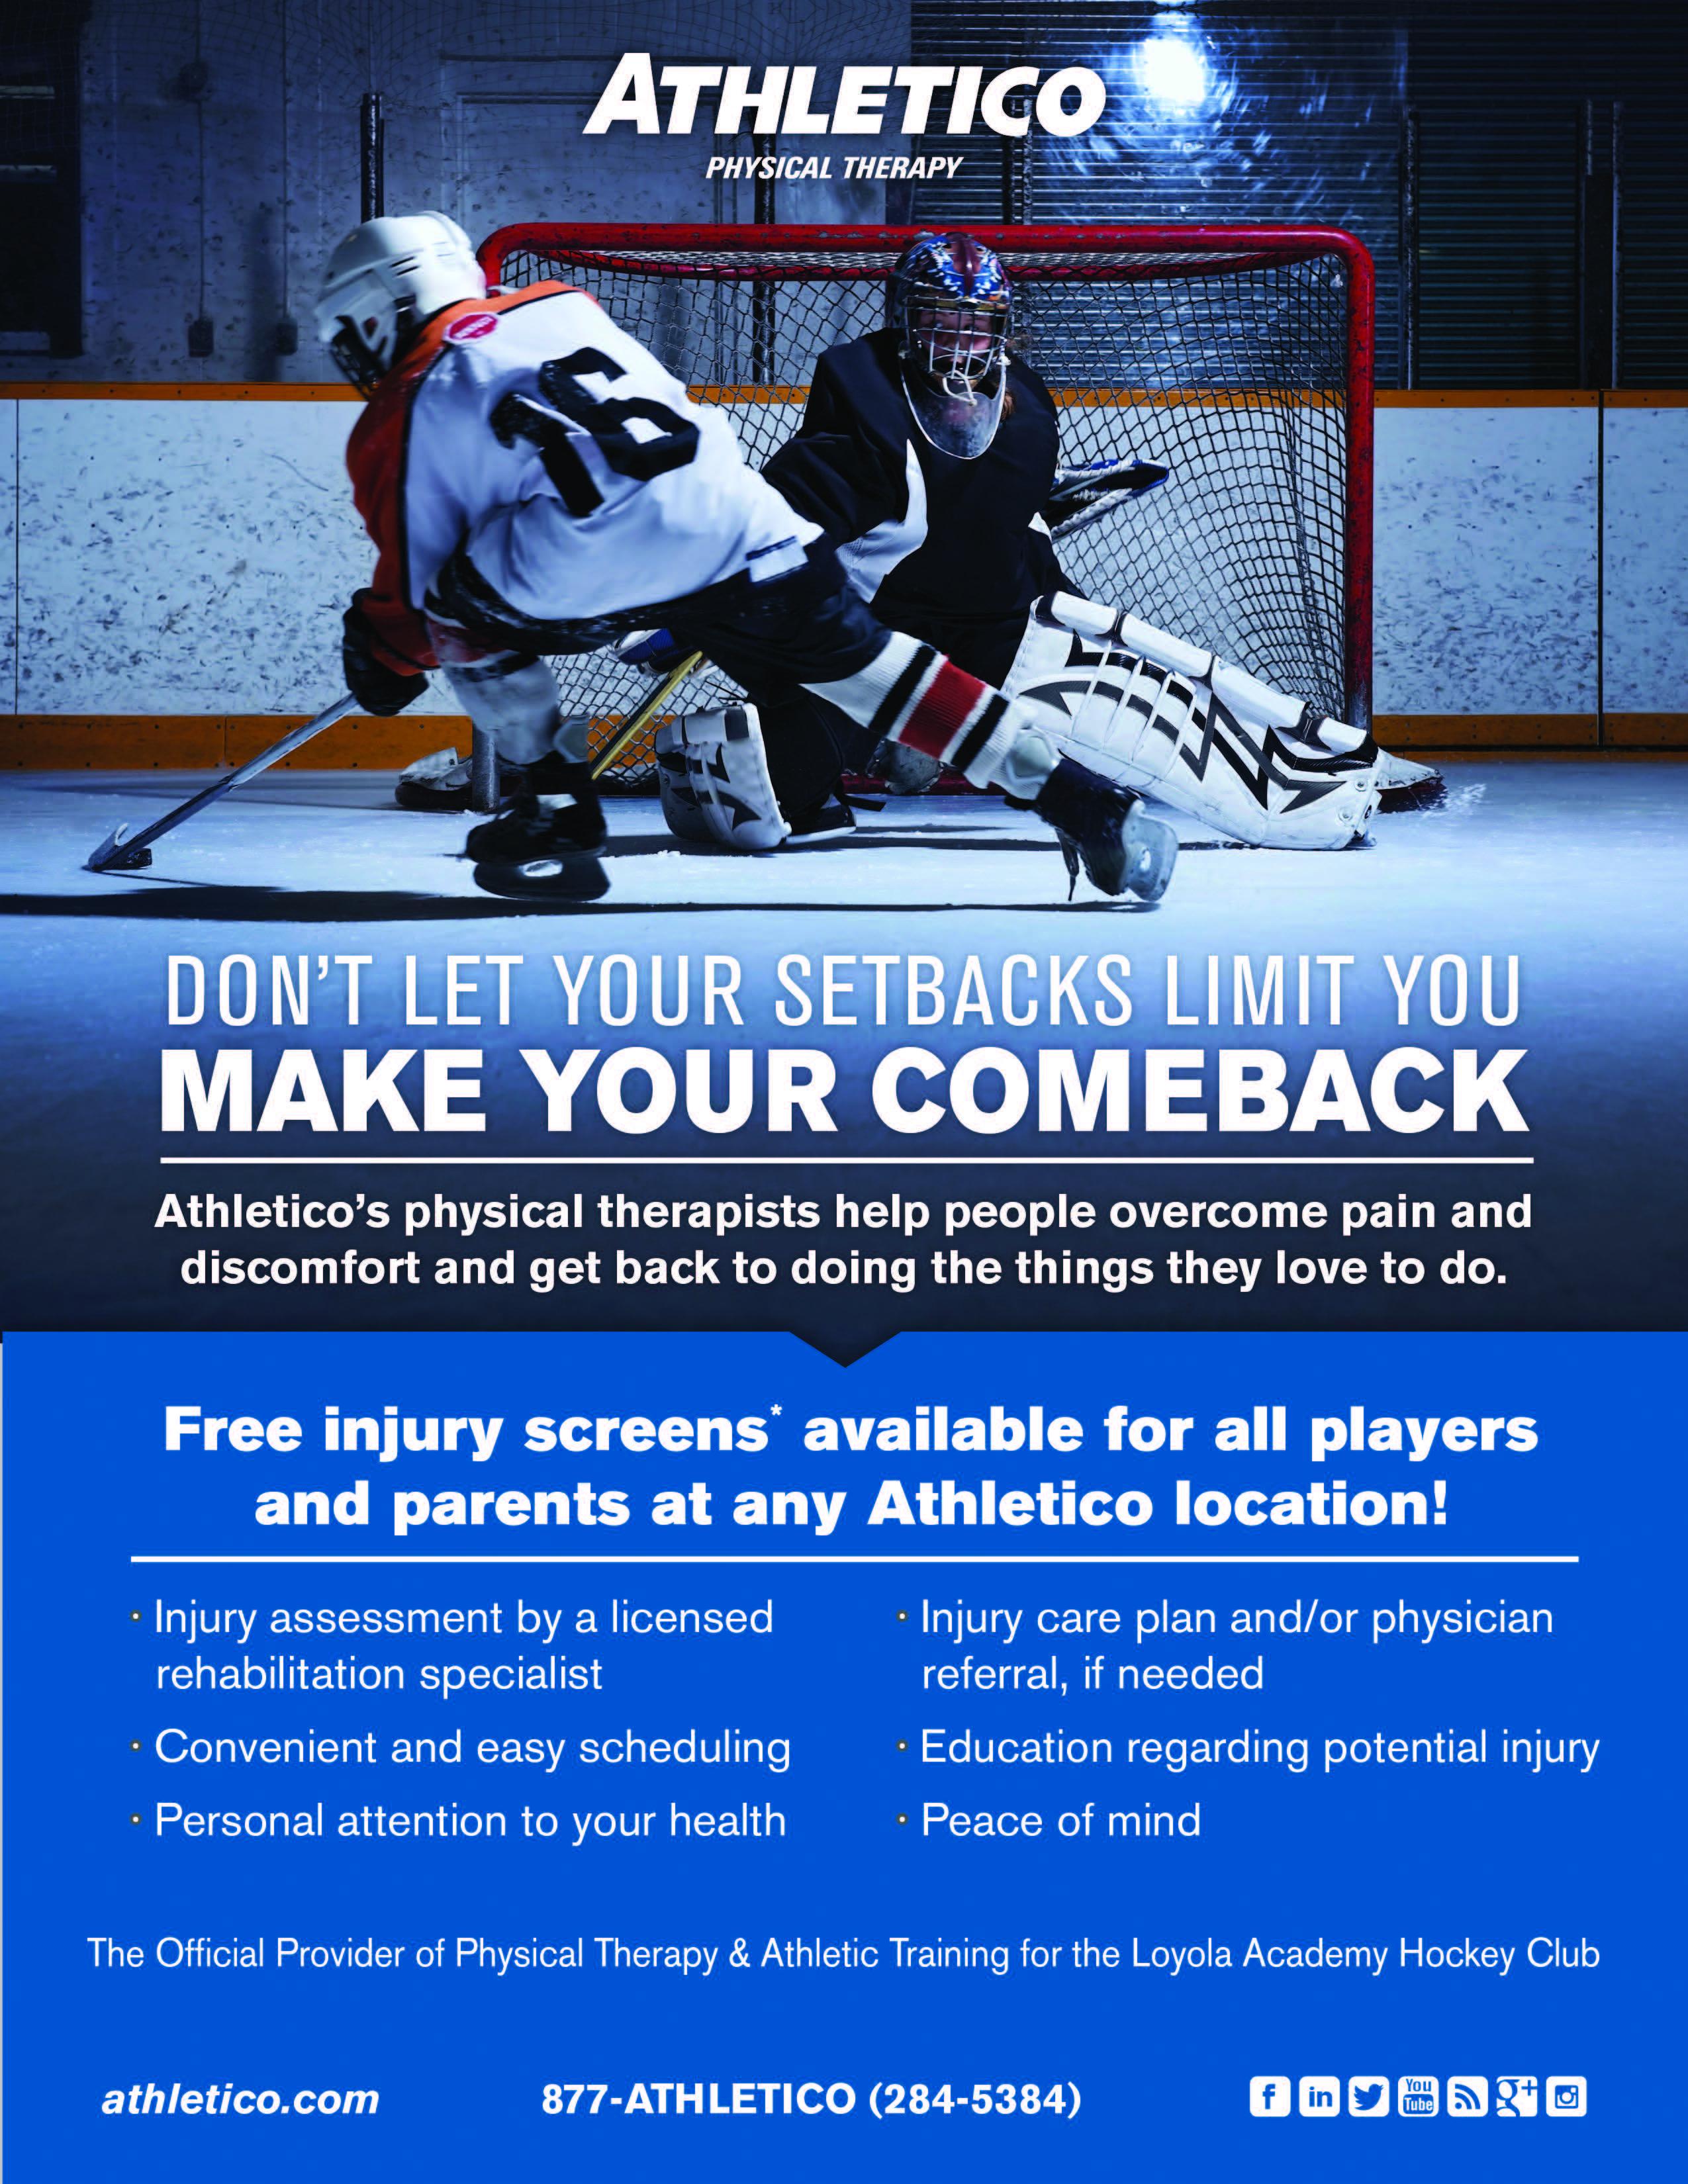 Loyola Academy Hockey Club